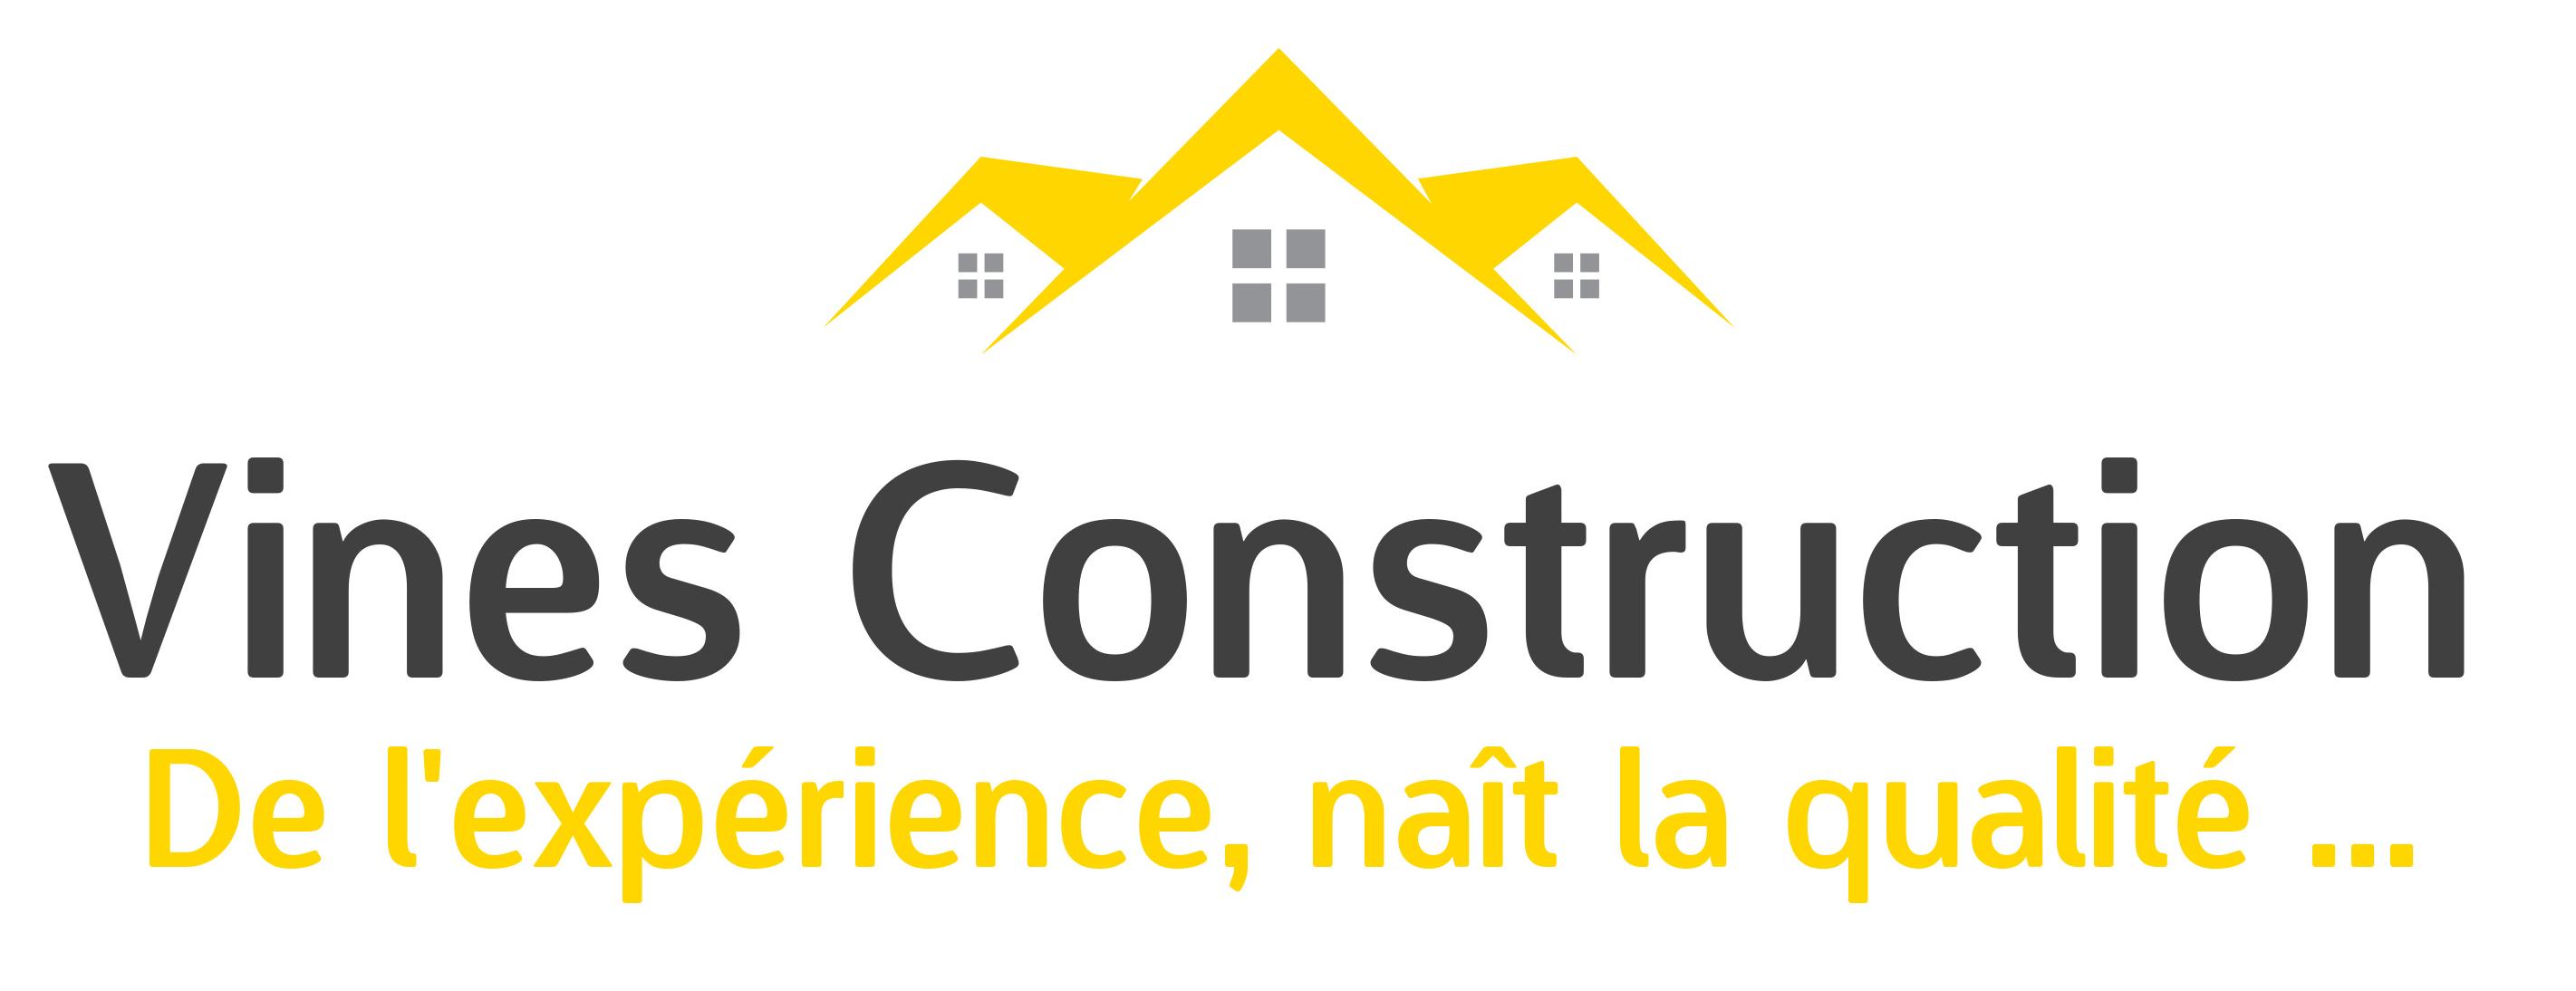 VINES CONSTRUCTION